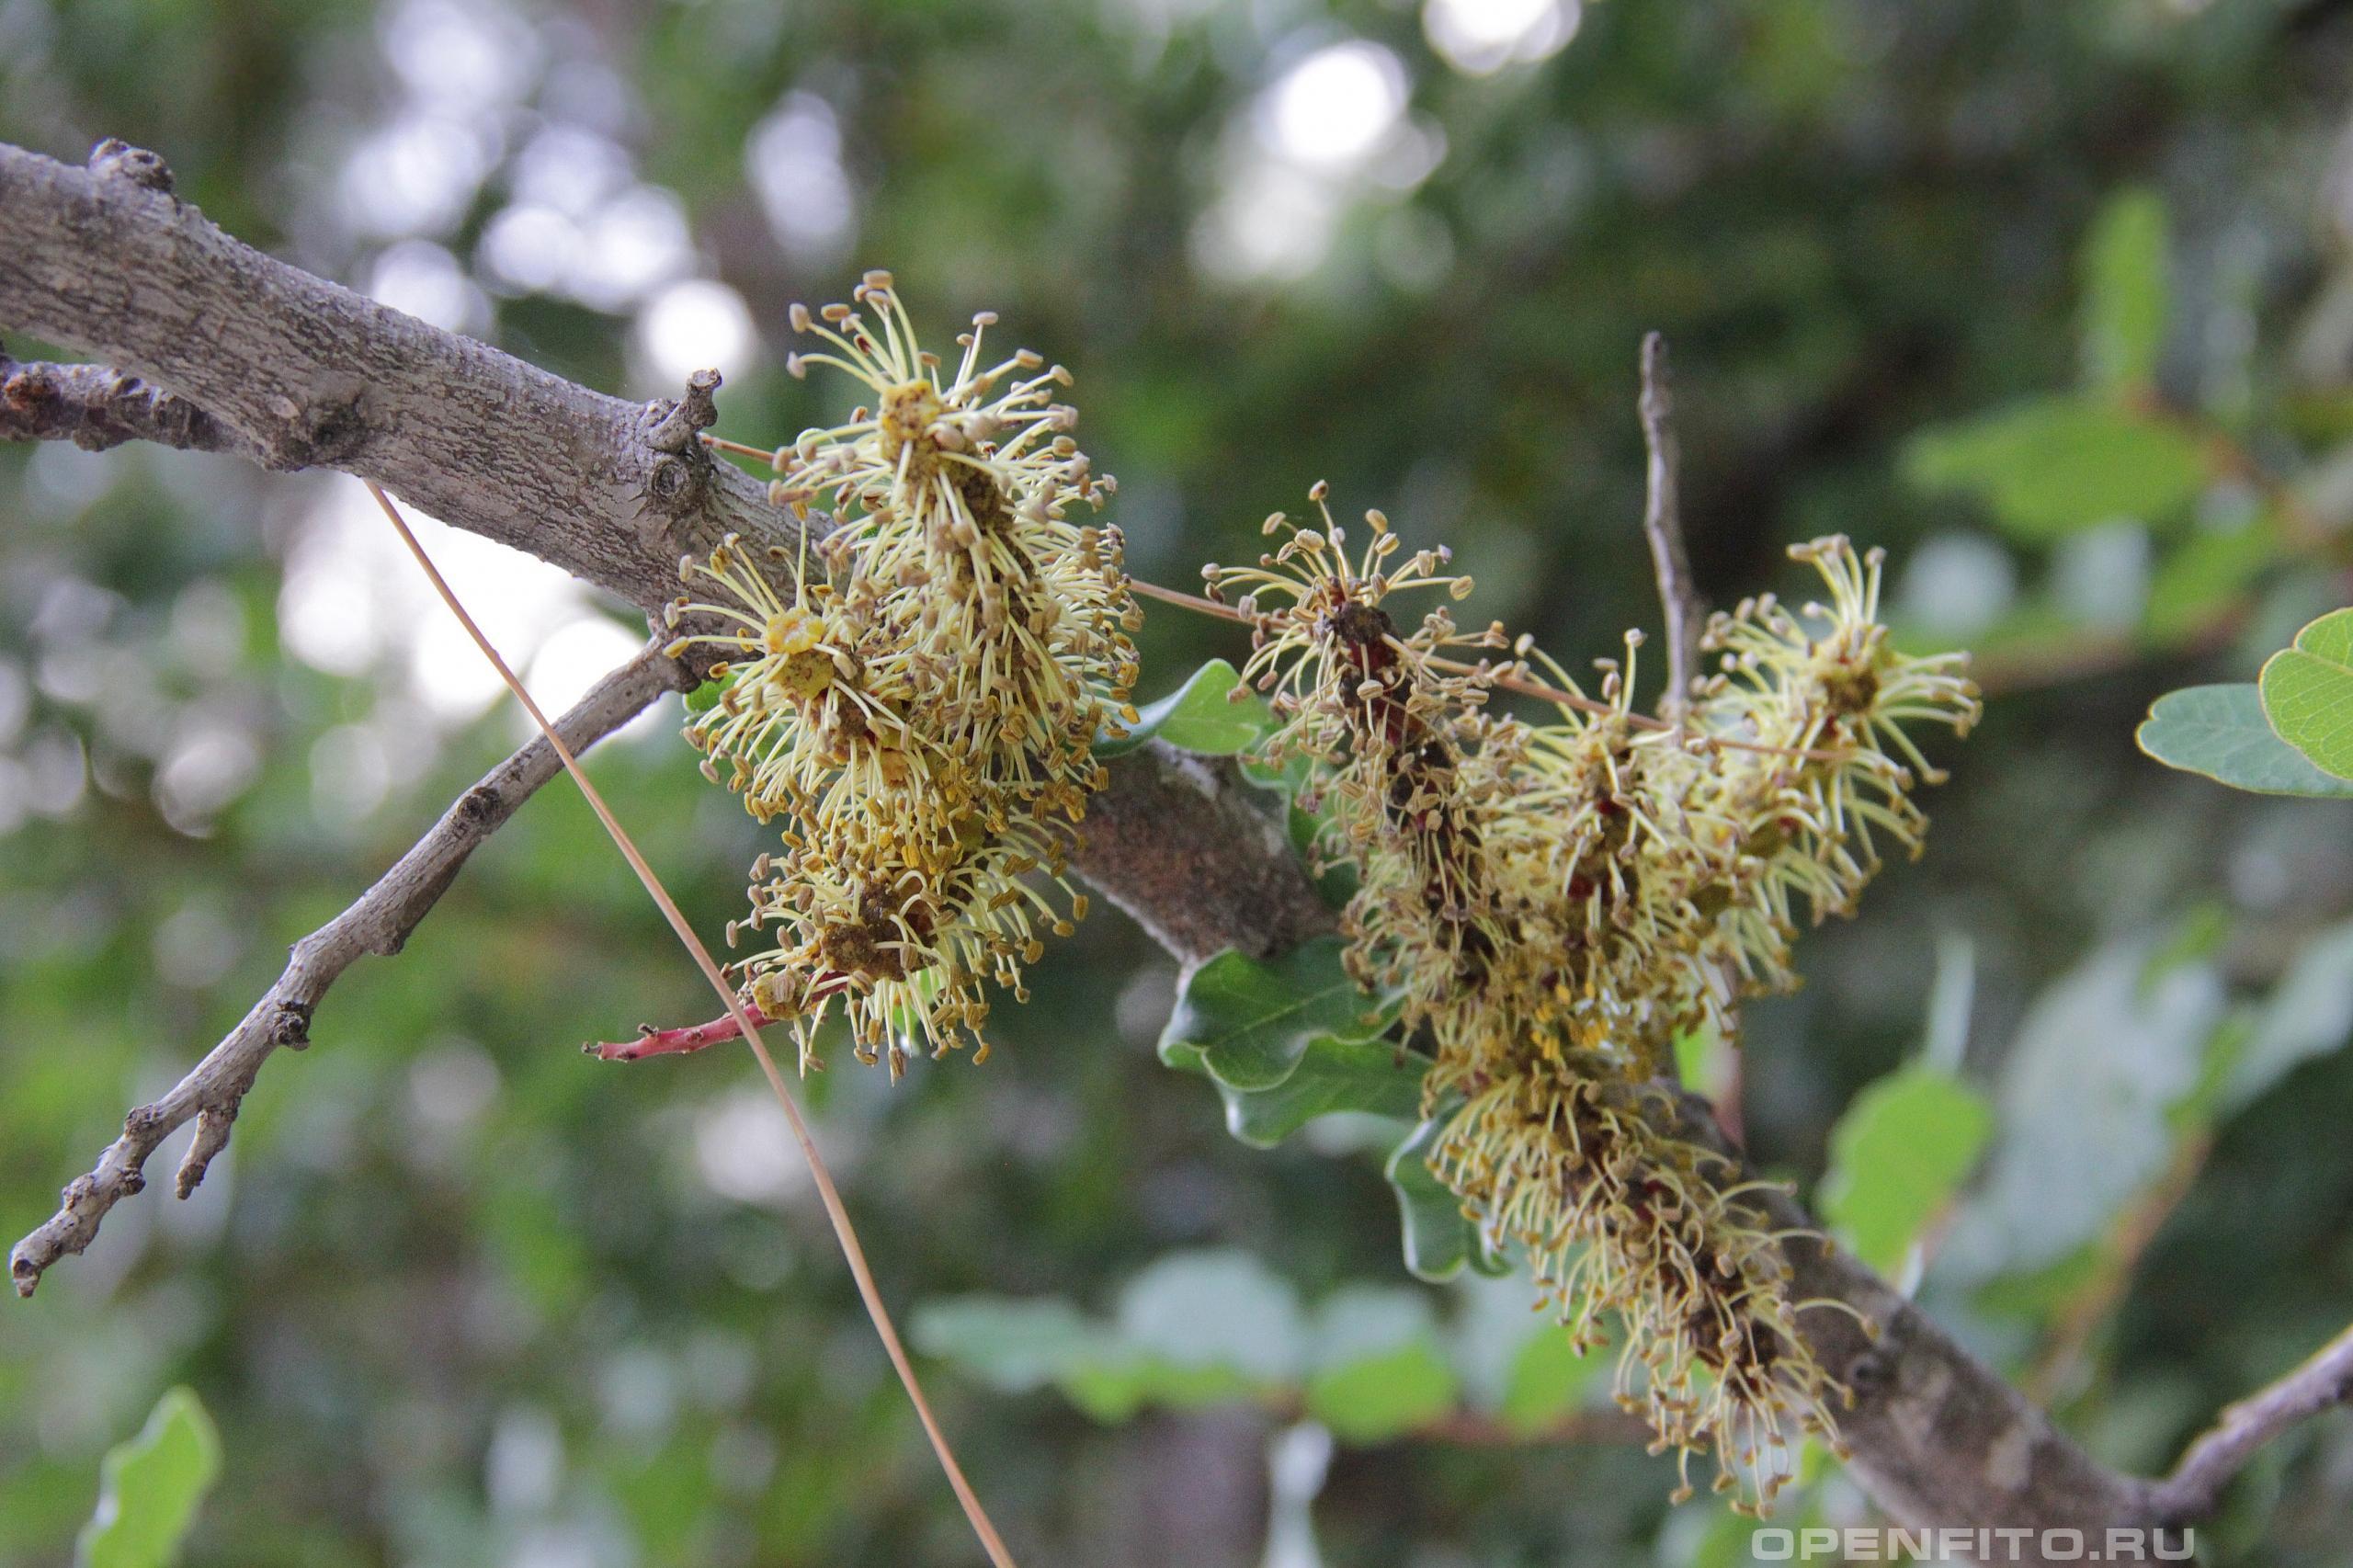 Цератония стручковая цветки создают очень плохой аромат